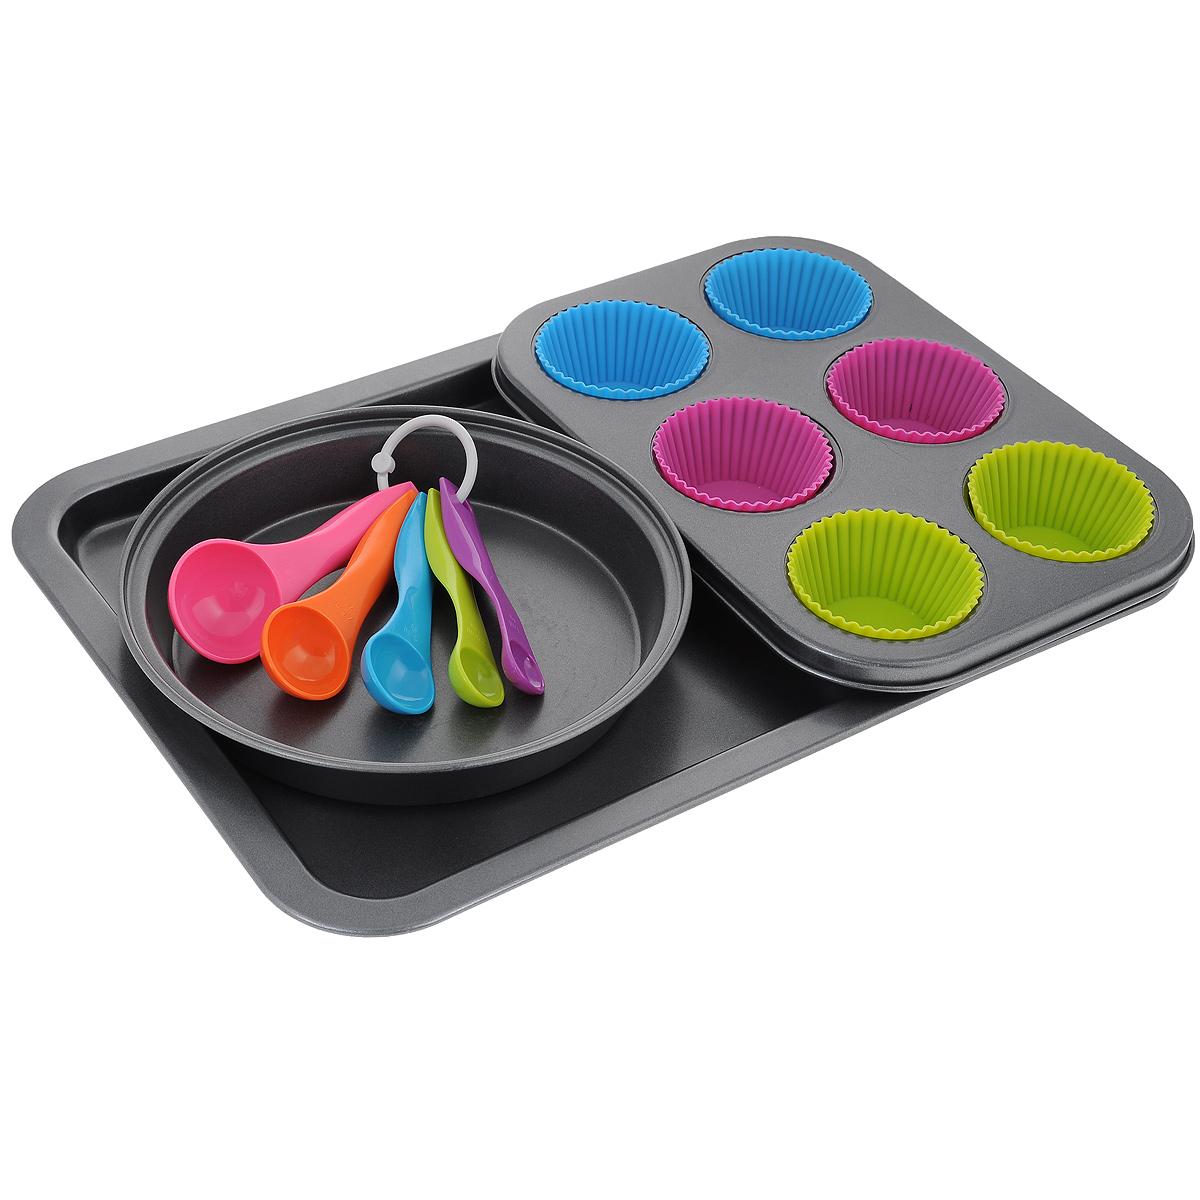 Набор для выпечки Travola, 14 предметов набор посуды travola с антипригарным покрытием цвет красный 5 предметов